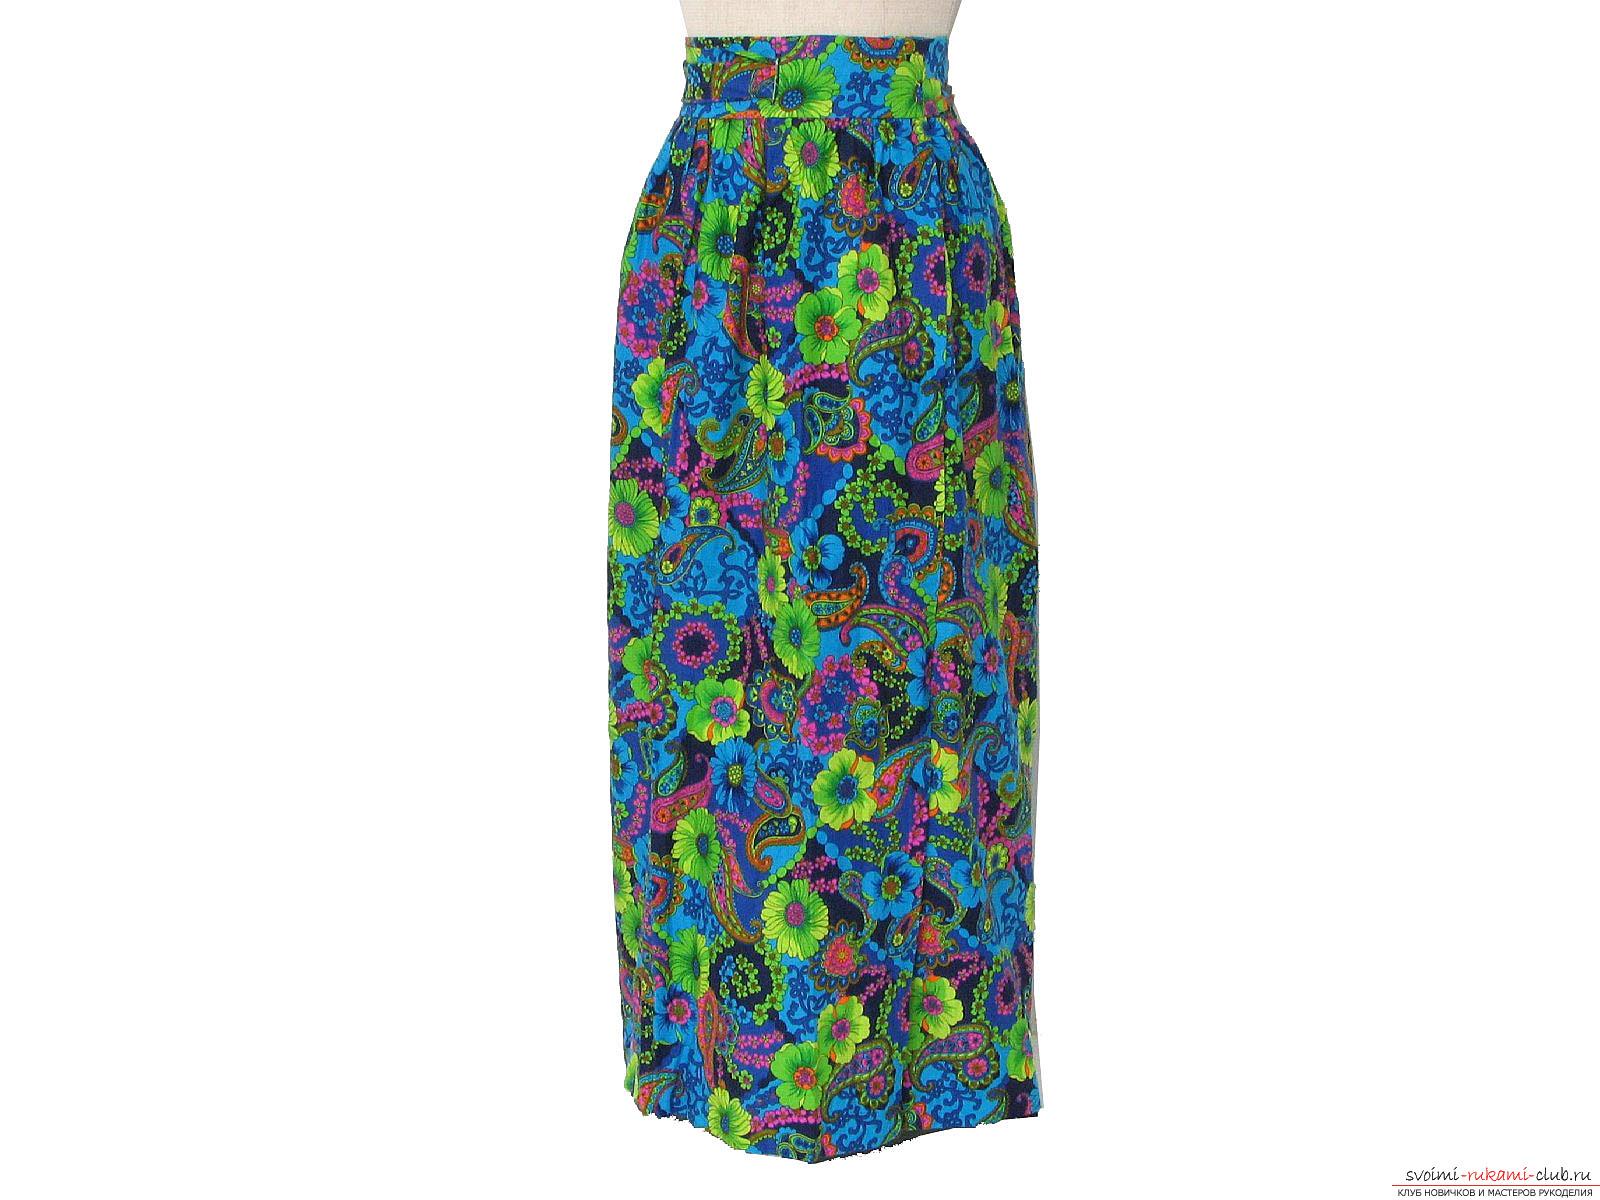 Выкройка летнюю легкую юбку